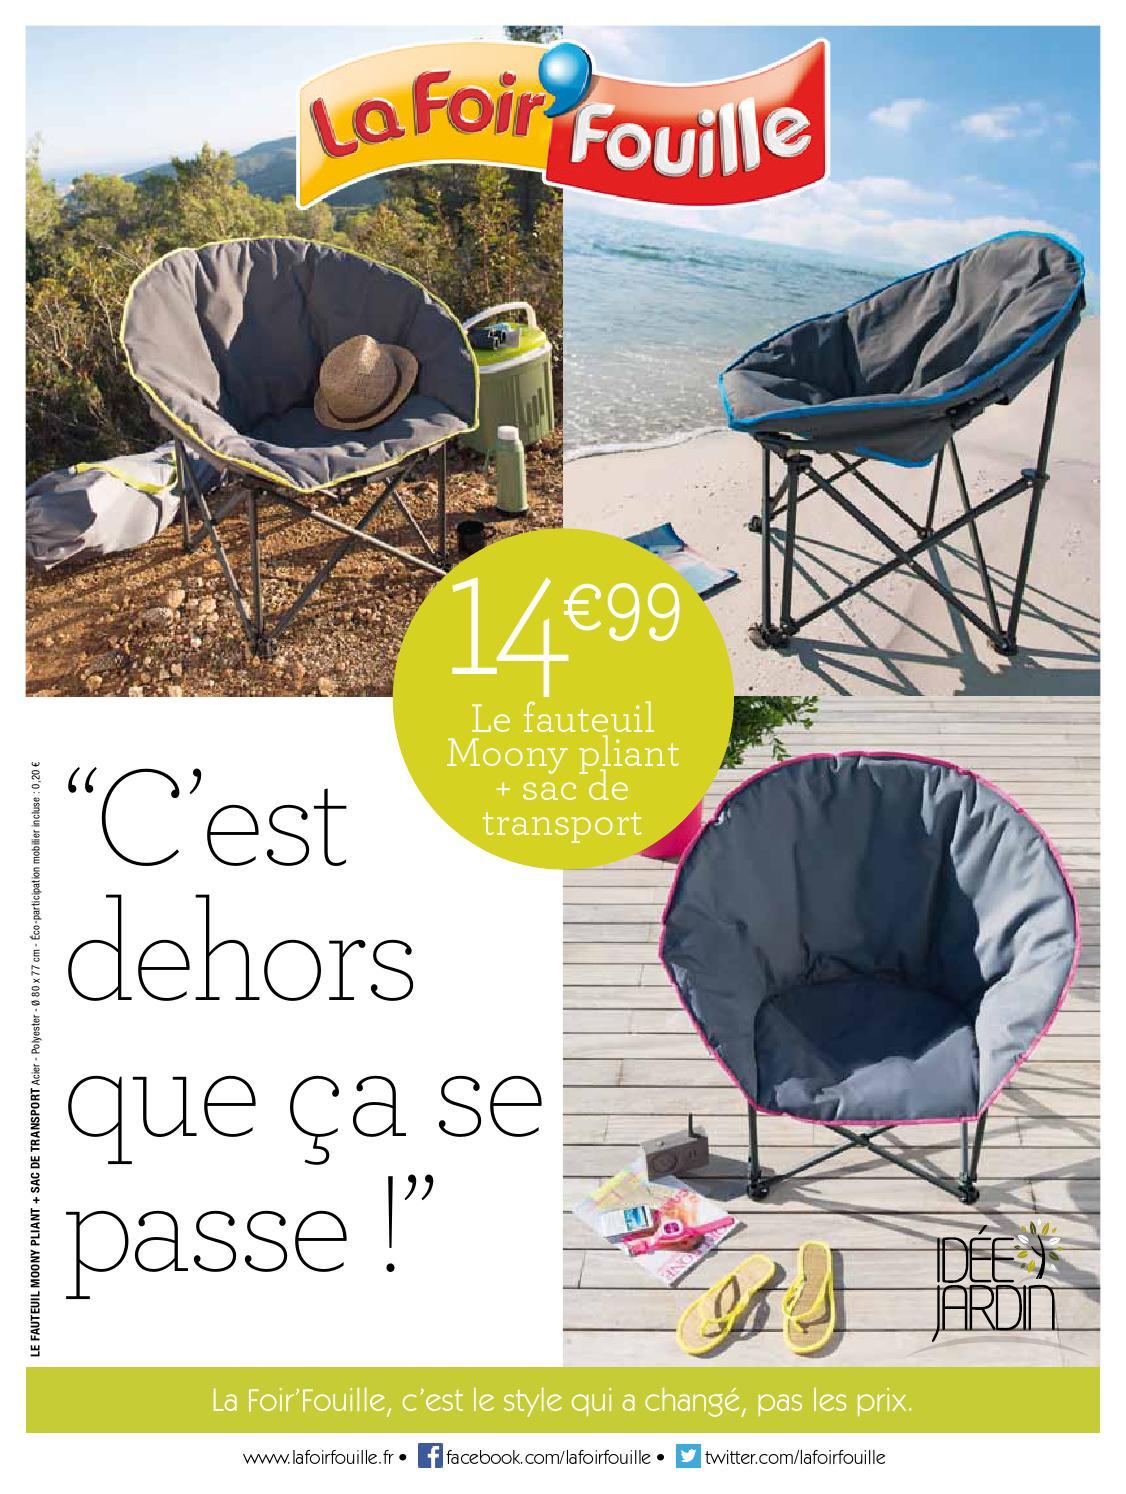 Catalogue La Foir Fouille - C'est Dehors Que Ça Se Passe! By ... intérieur Salon De Jardin La Foir Fouille